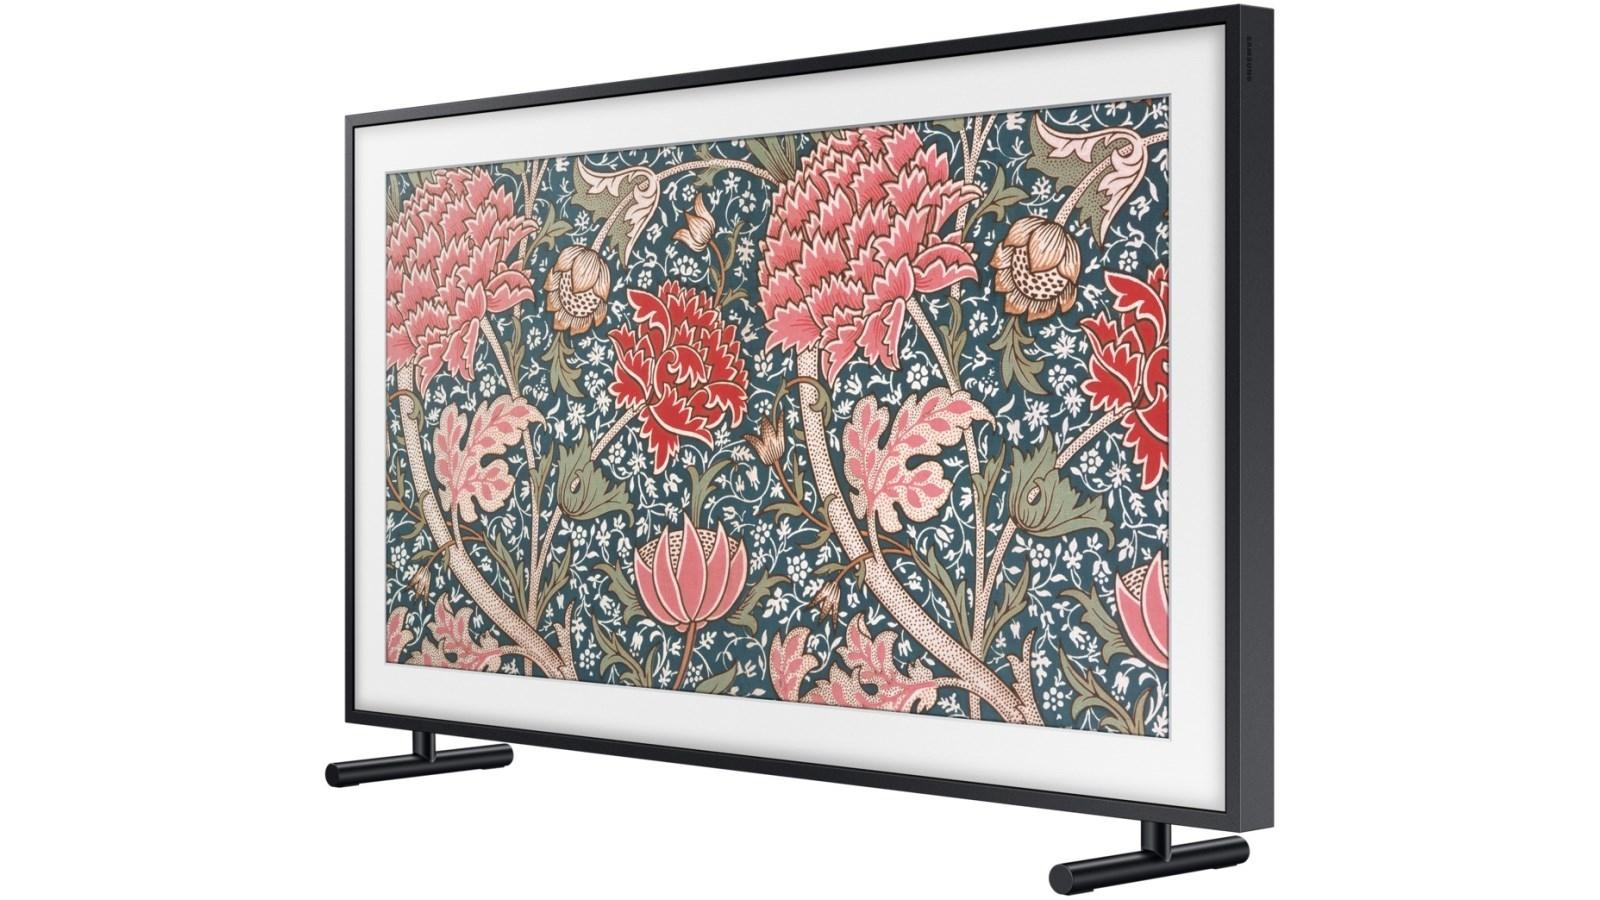 Samsung 43-inch The Frame 4K UHD QLED Smart TV